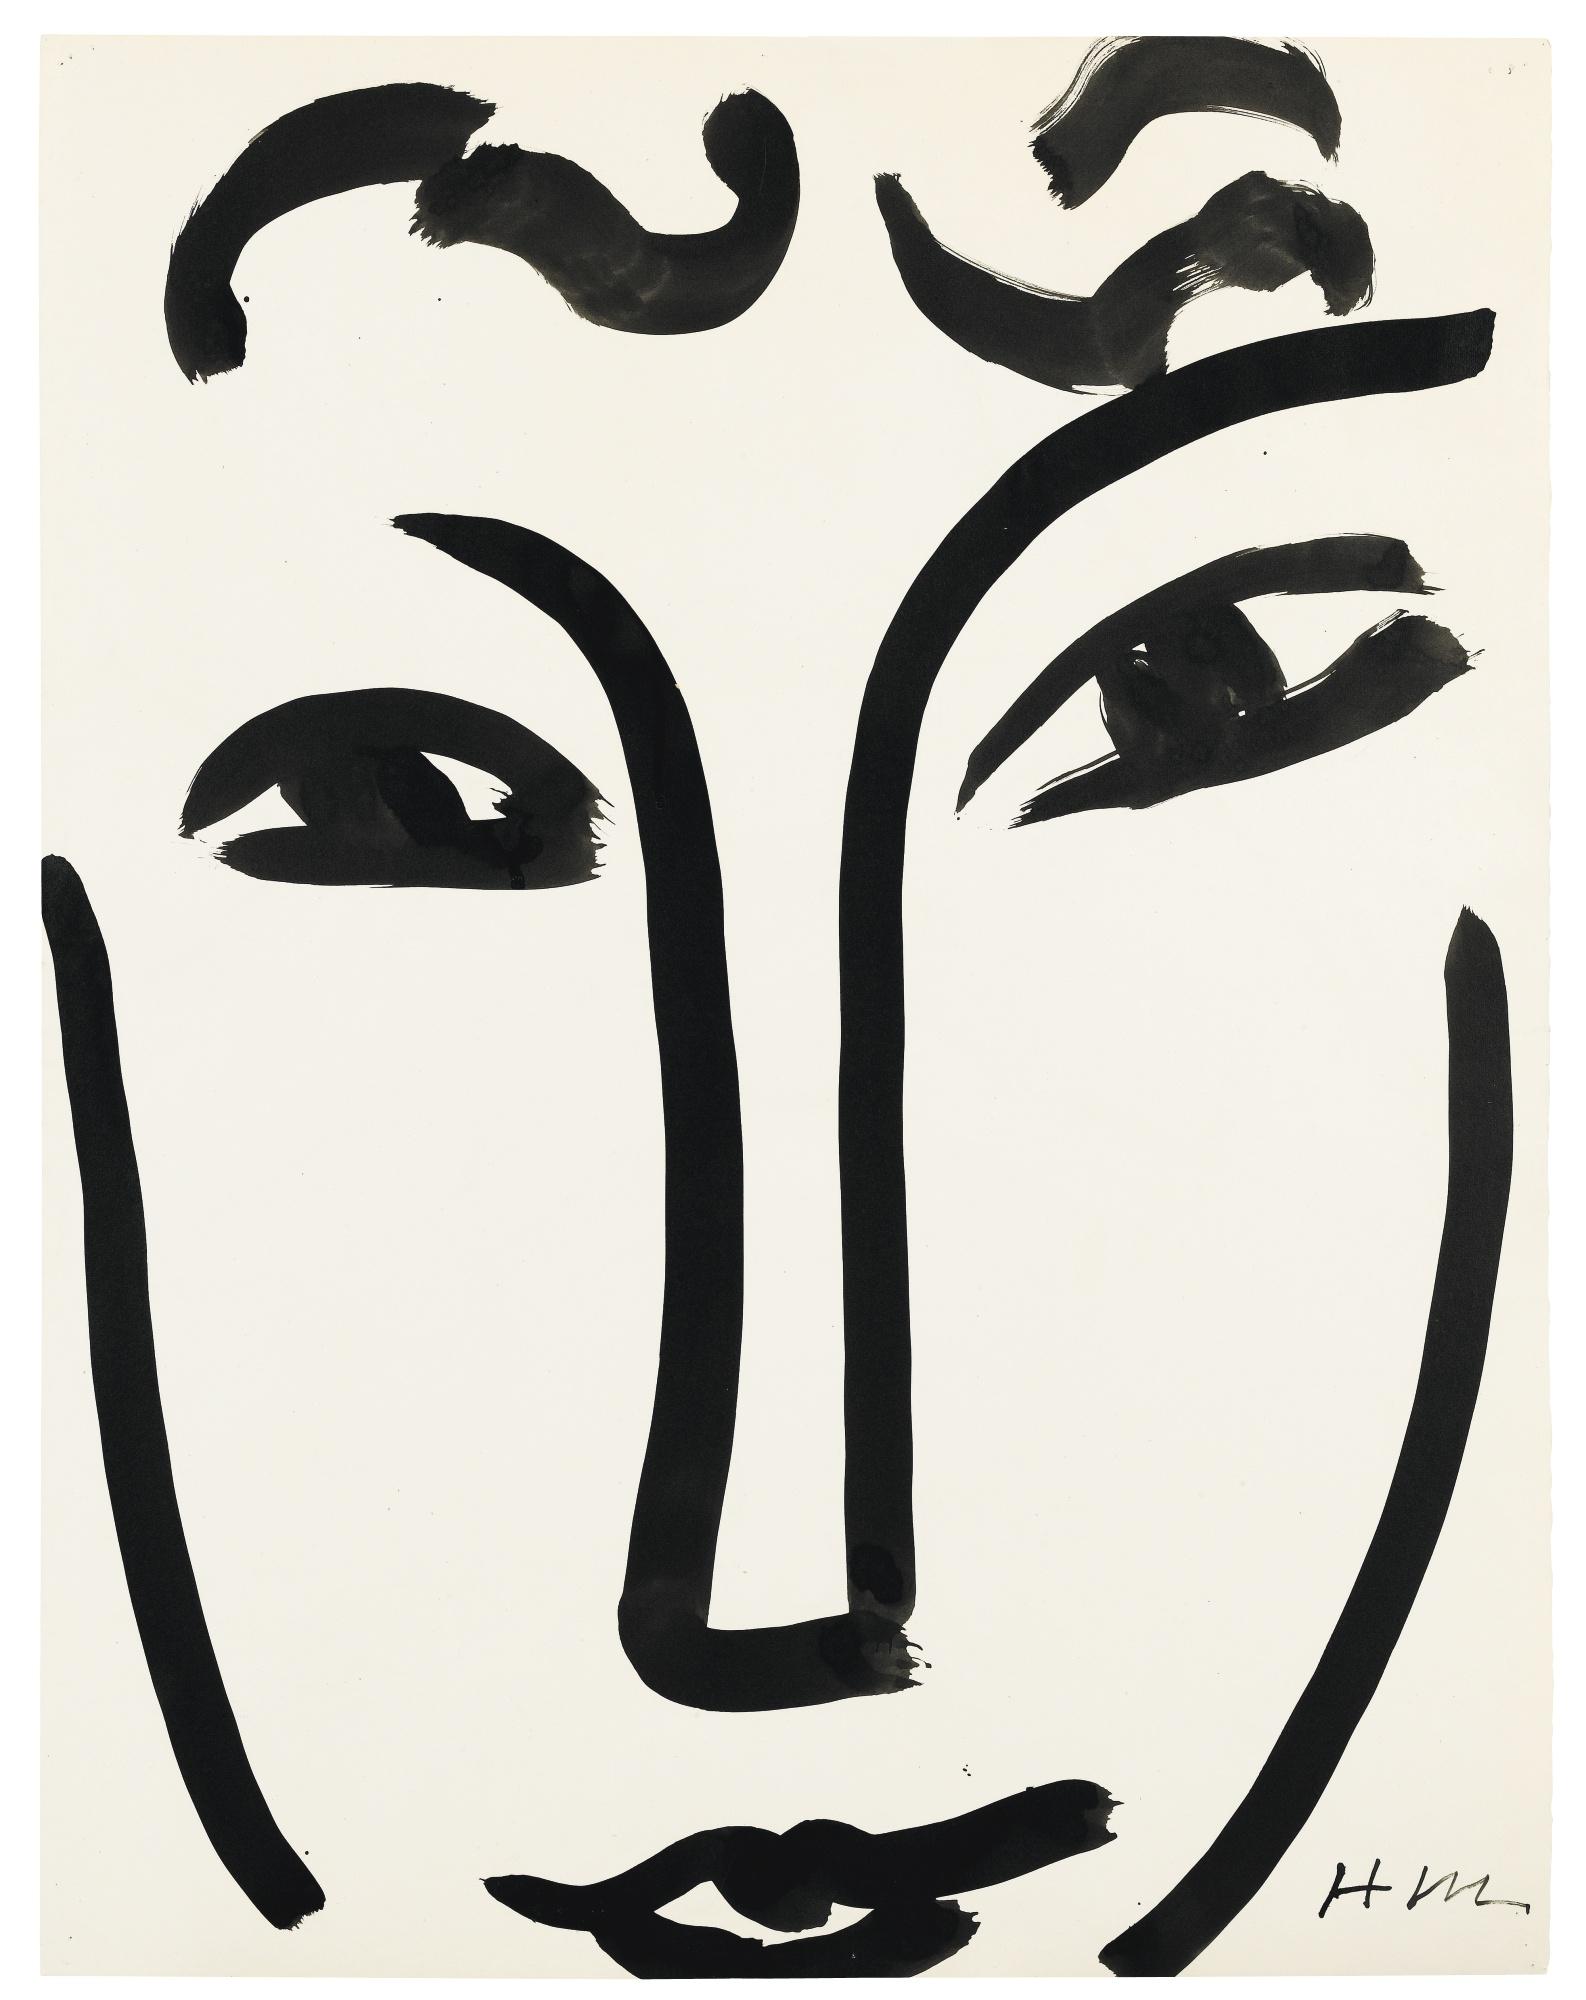 Henri Matisse-Visage-1952